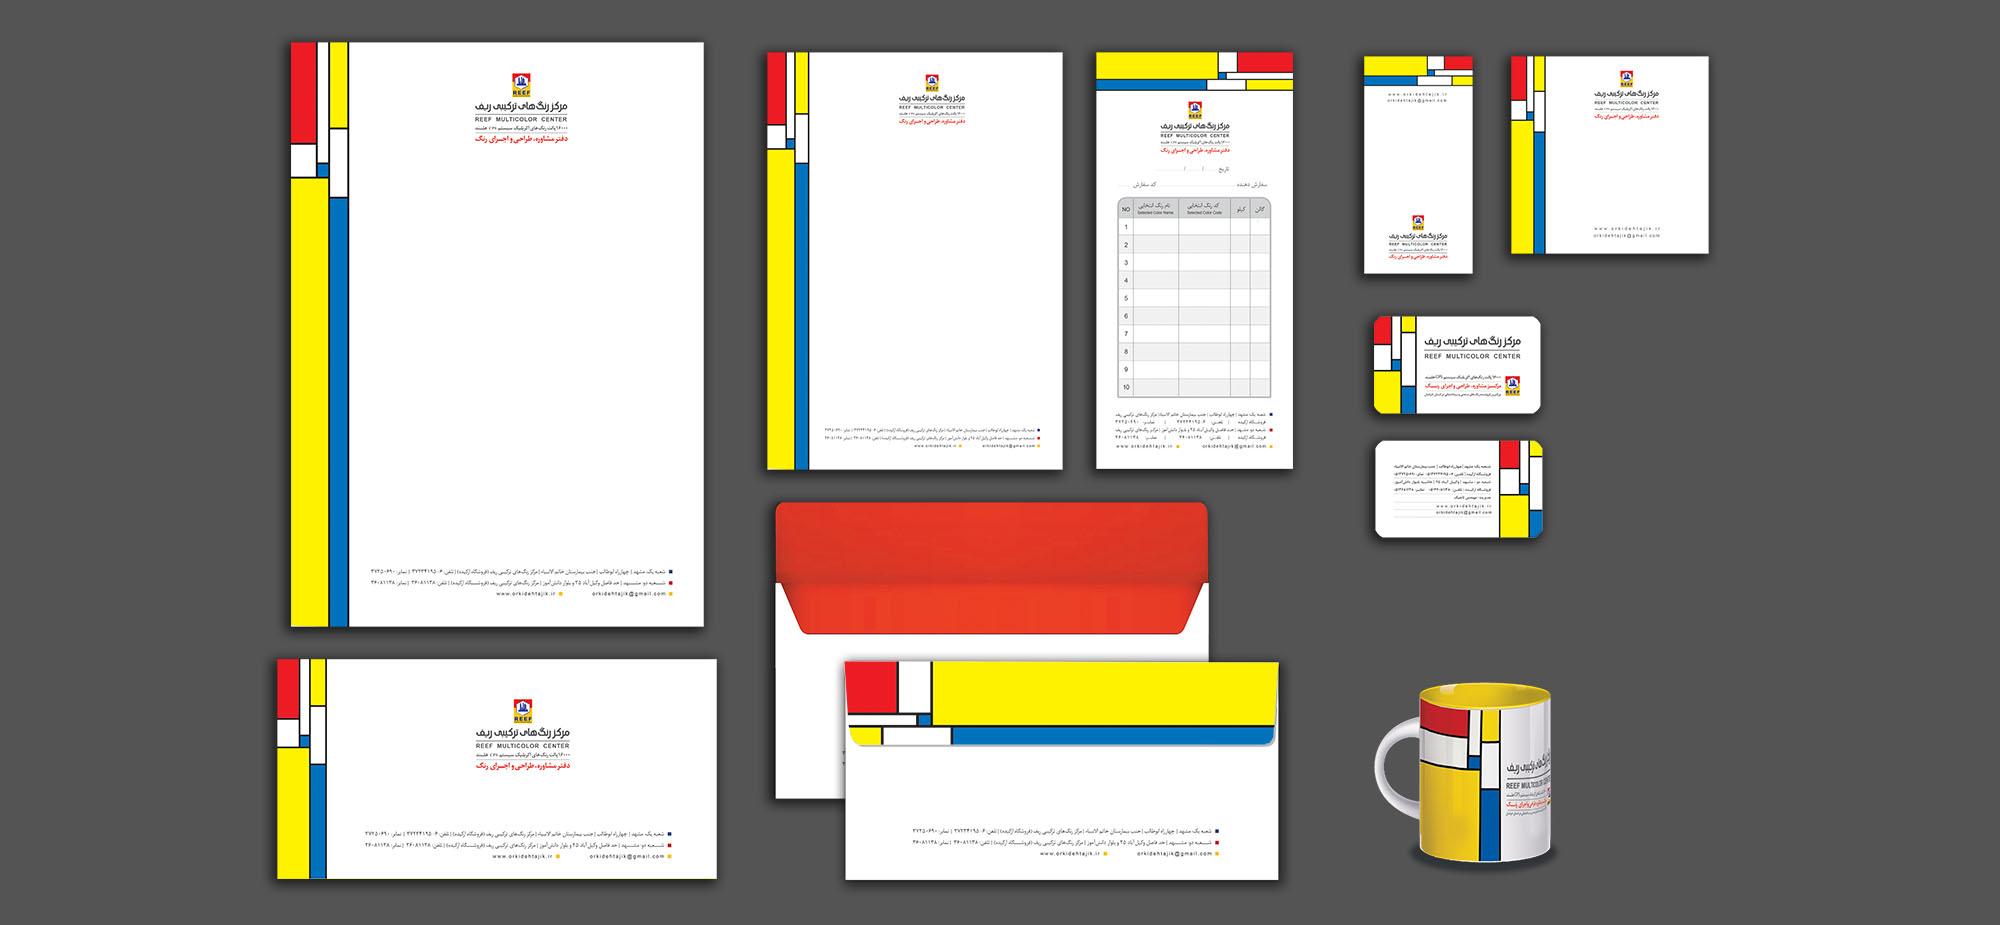 طراحی هویت دیداری فروشگاه رنگ ارکیده